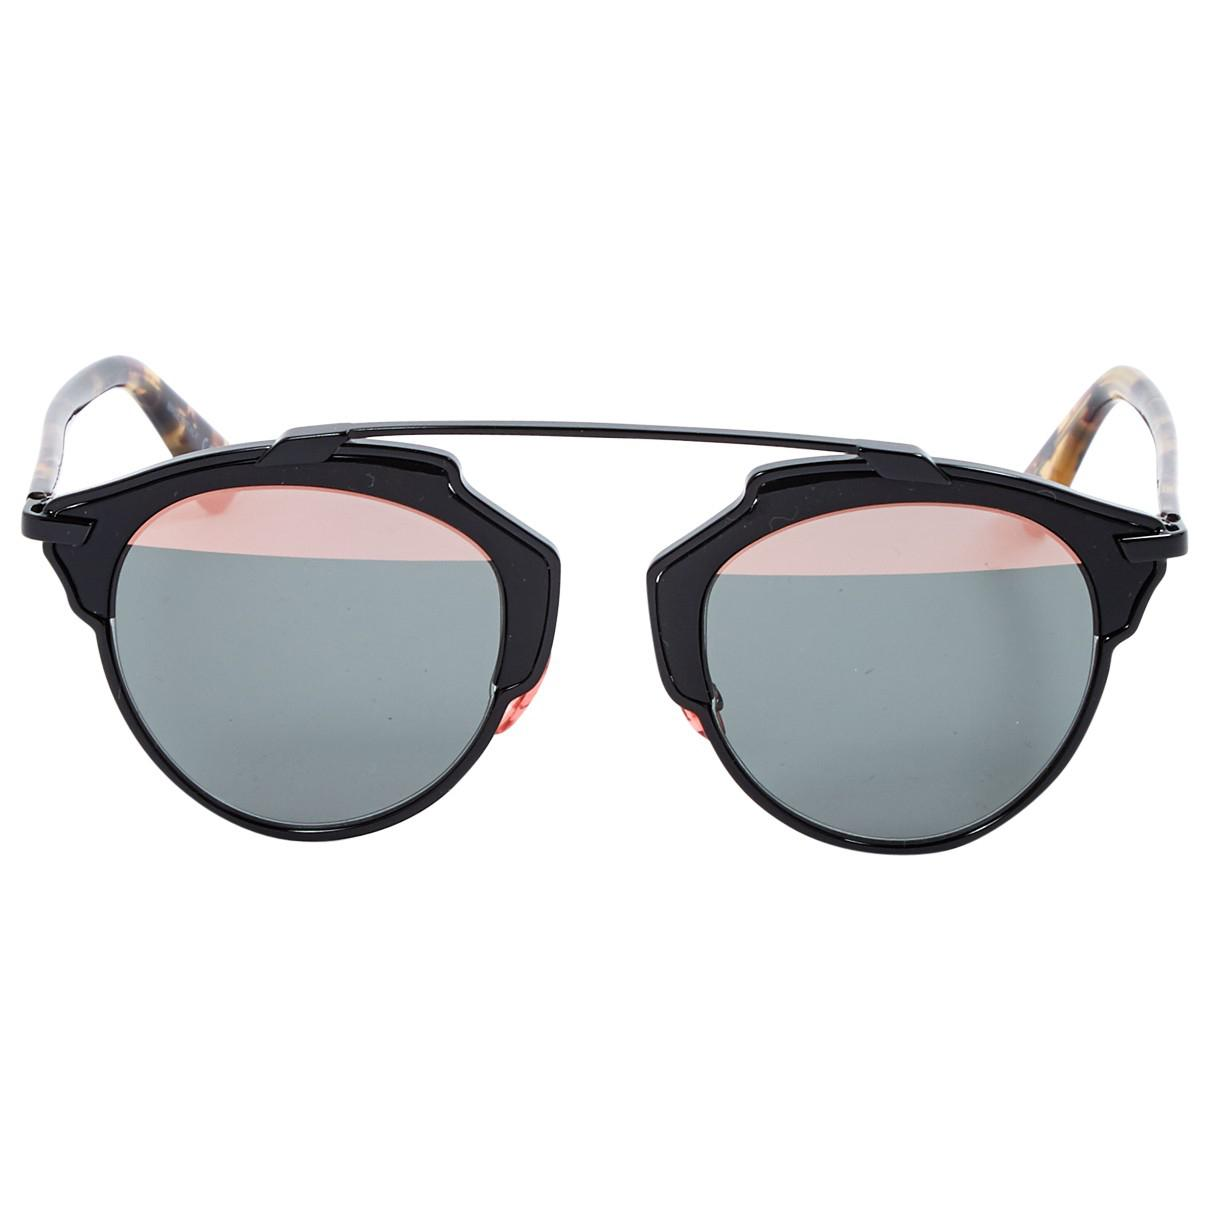 Lyst - Lunettes So Real Dior en coloris Noir 6b941c65f55f